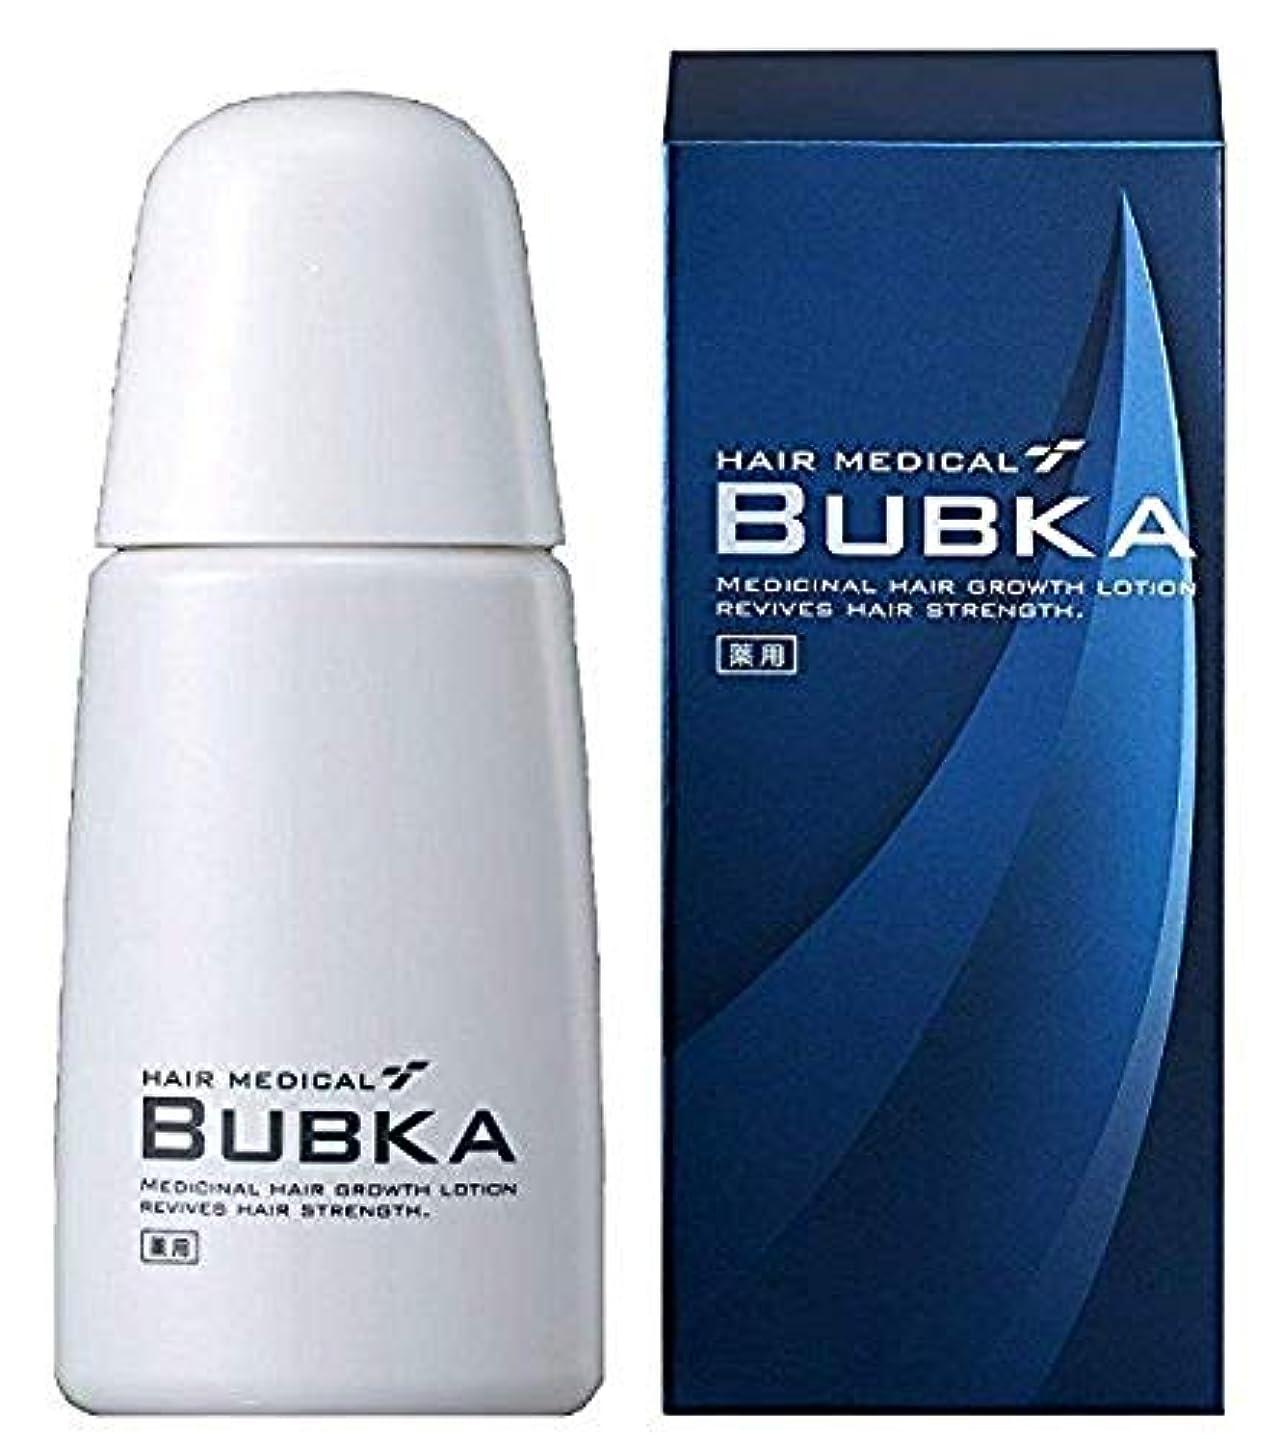 旧正月に向けて出発スツール【BUBKA ブブカ 】新型 濃密育毛剤 ブブカ-003M (内容量:120ml 約1ヶ月分)(医薬部外品)